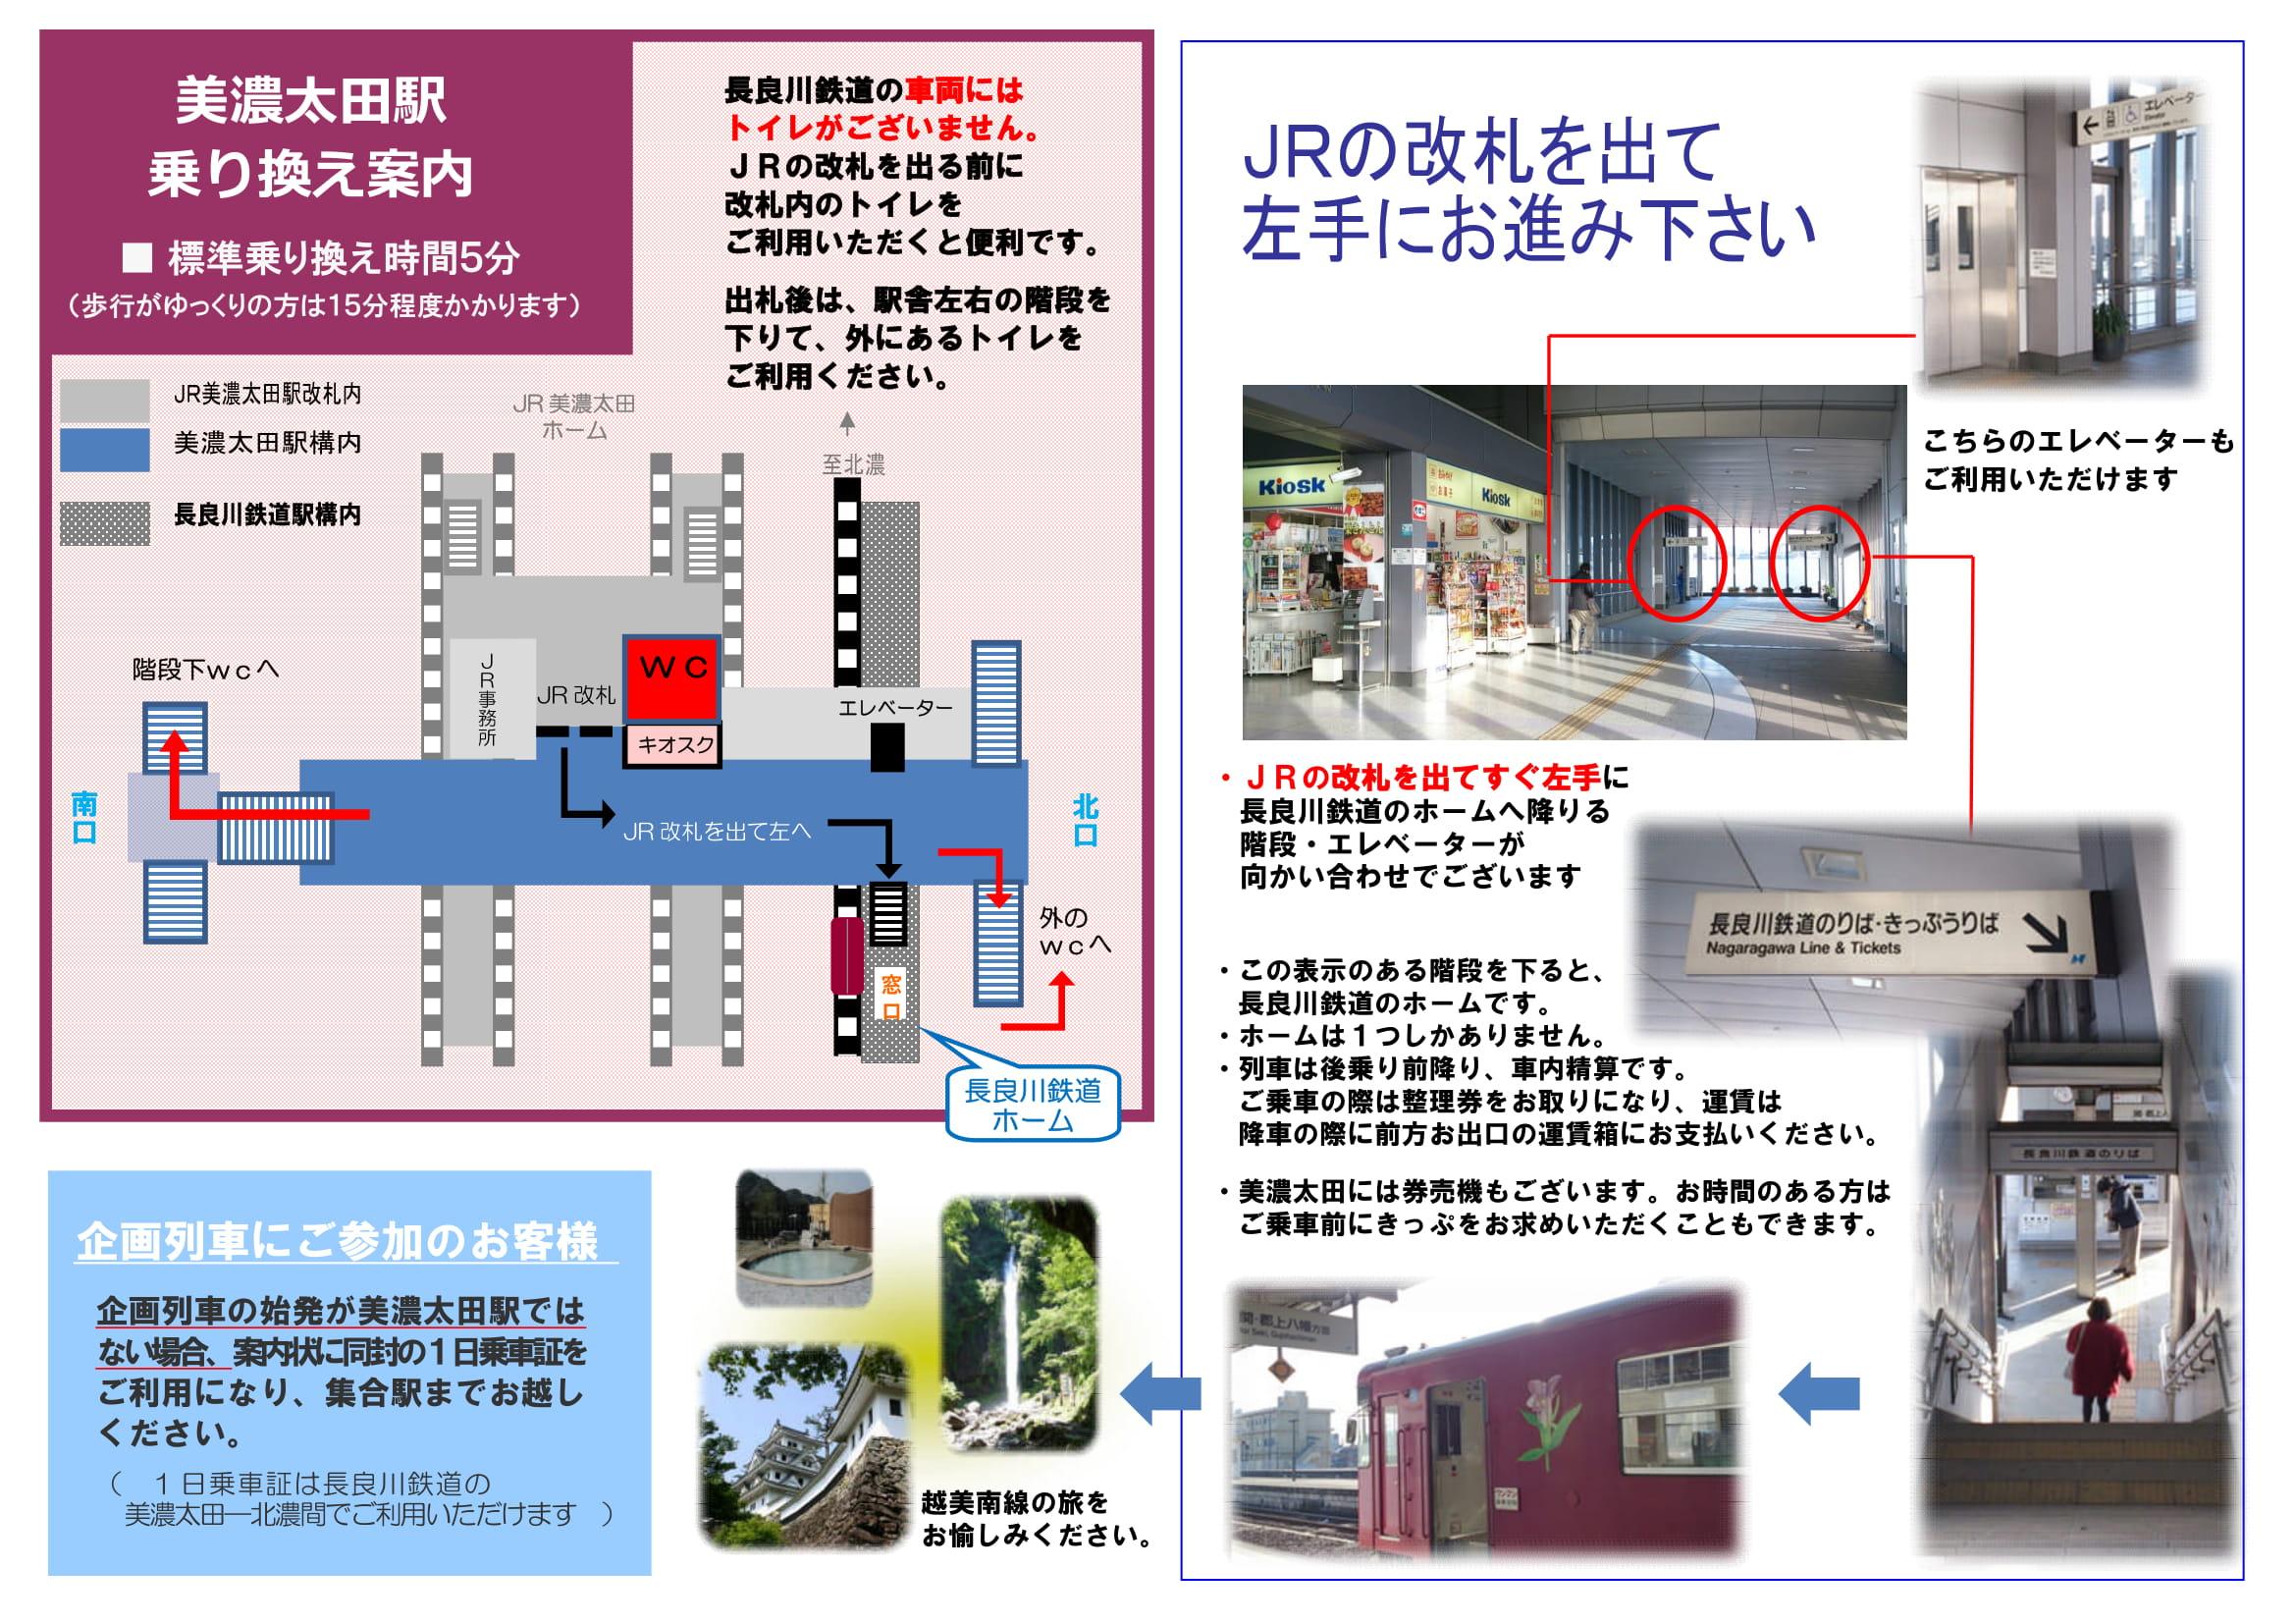 美濃太田駅 乗り換え案内 ■ 標準乗り換え時間5分 (歩行がゆっくりの方は15分程度かかります) 長良川鉄道の車両にはトイレがございません。 JRの改札を出る前に改札内のトイレをご利用いただくと便利です。 出札後は、駅舎左右の階段を下りて、外にあるトイレをご利用ください。 企画列車にご参加のお客様 企画列車の始発が美濃太田駅ではない場合、案内状に同封の1日乗車証をご利用になり、集合駅までお越しください。 ( 1 日乗車証は長良川鉄道の美濃太田―北濃間でご利用いただけます ) JRの改札を出て左手にお進み下さい。 ・JRの改札を出てすぐ左手に長良川鉄道のホームへ降りる階段・エレベーターが向かい合わせでございます ・この表示のある階段を下ると、長良川鉄道のホームです。 ・ホームは1つしかありません。 ・列車は後乗り前降り、車内精算です。 ご乗車の際は整理券をお取りになり、運賃は降車の際に前方お出口の運賃箱にお支払いください。 ・美濃太田には券売機もございます。お時間のある方はご乗車前にきっぷをお求めいただくこともできます。